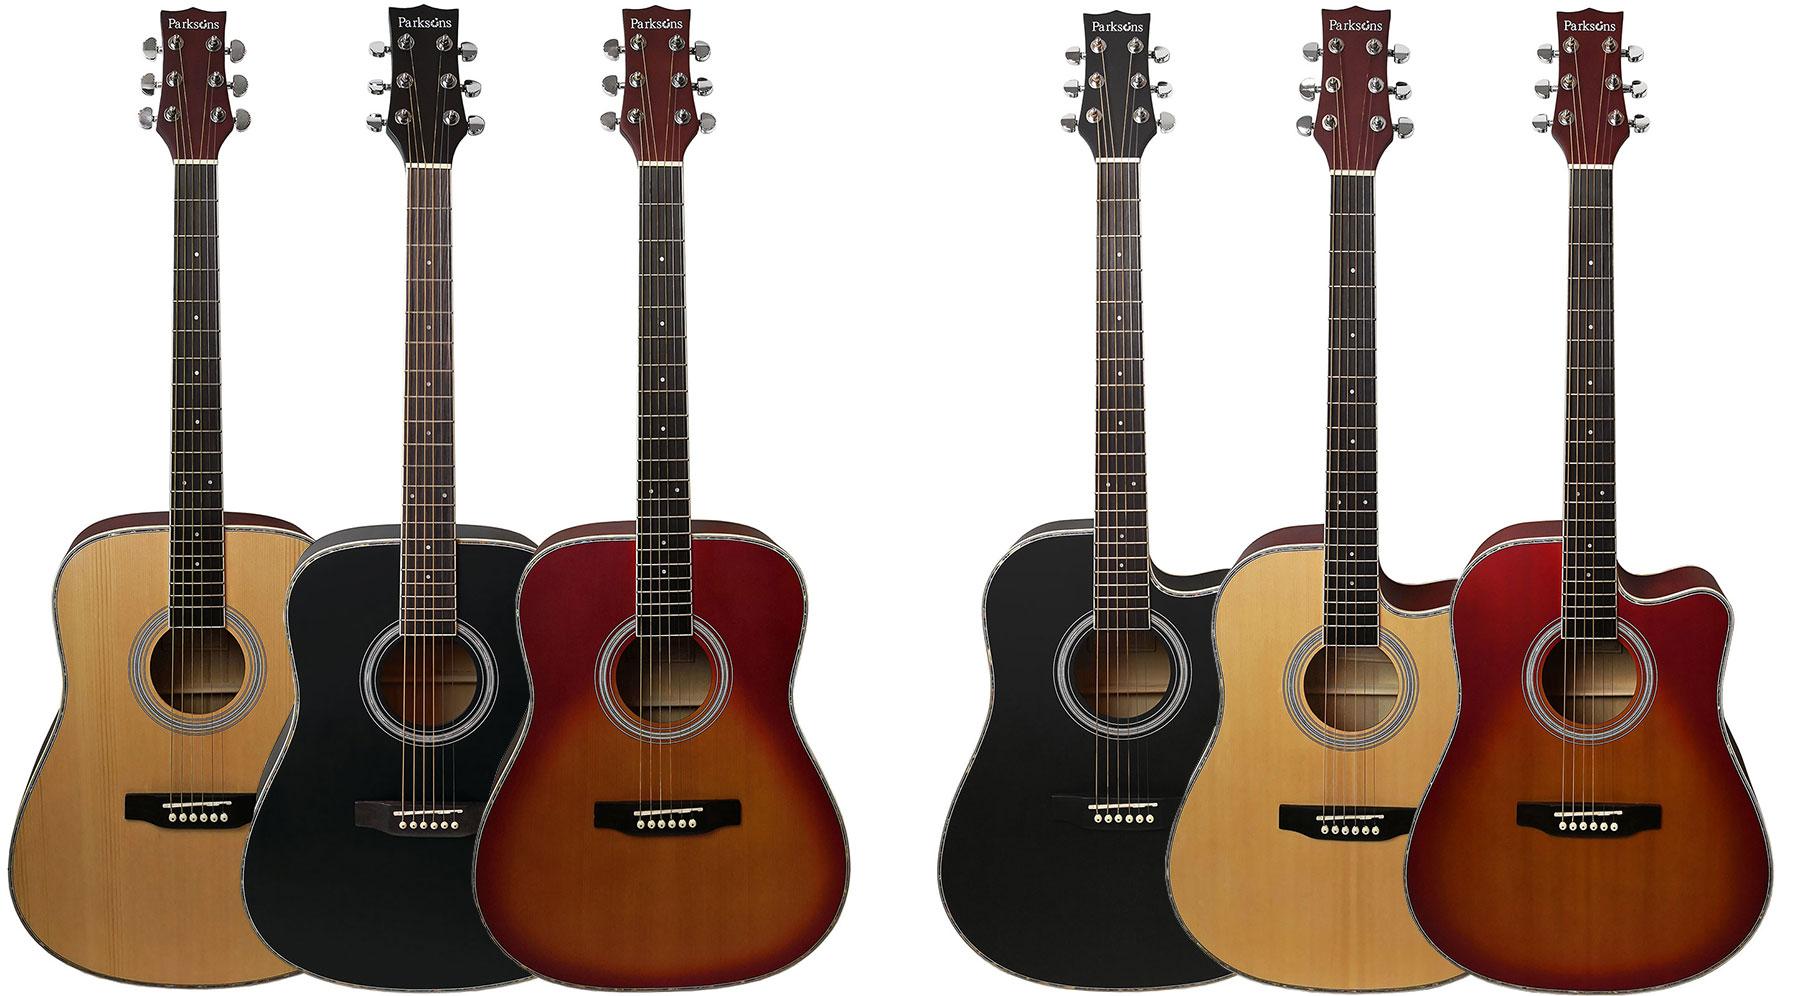 Parksons Guitars - JAM.UA